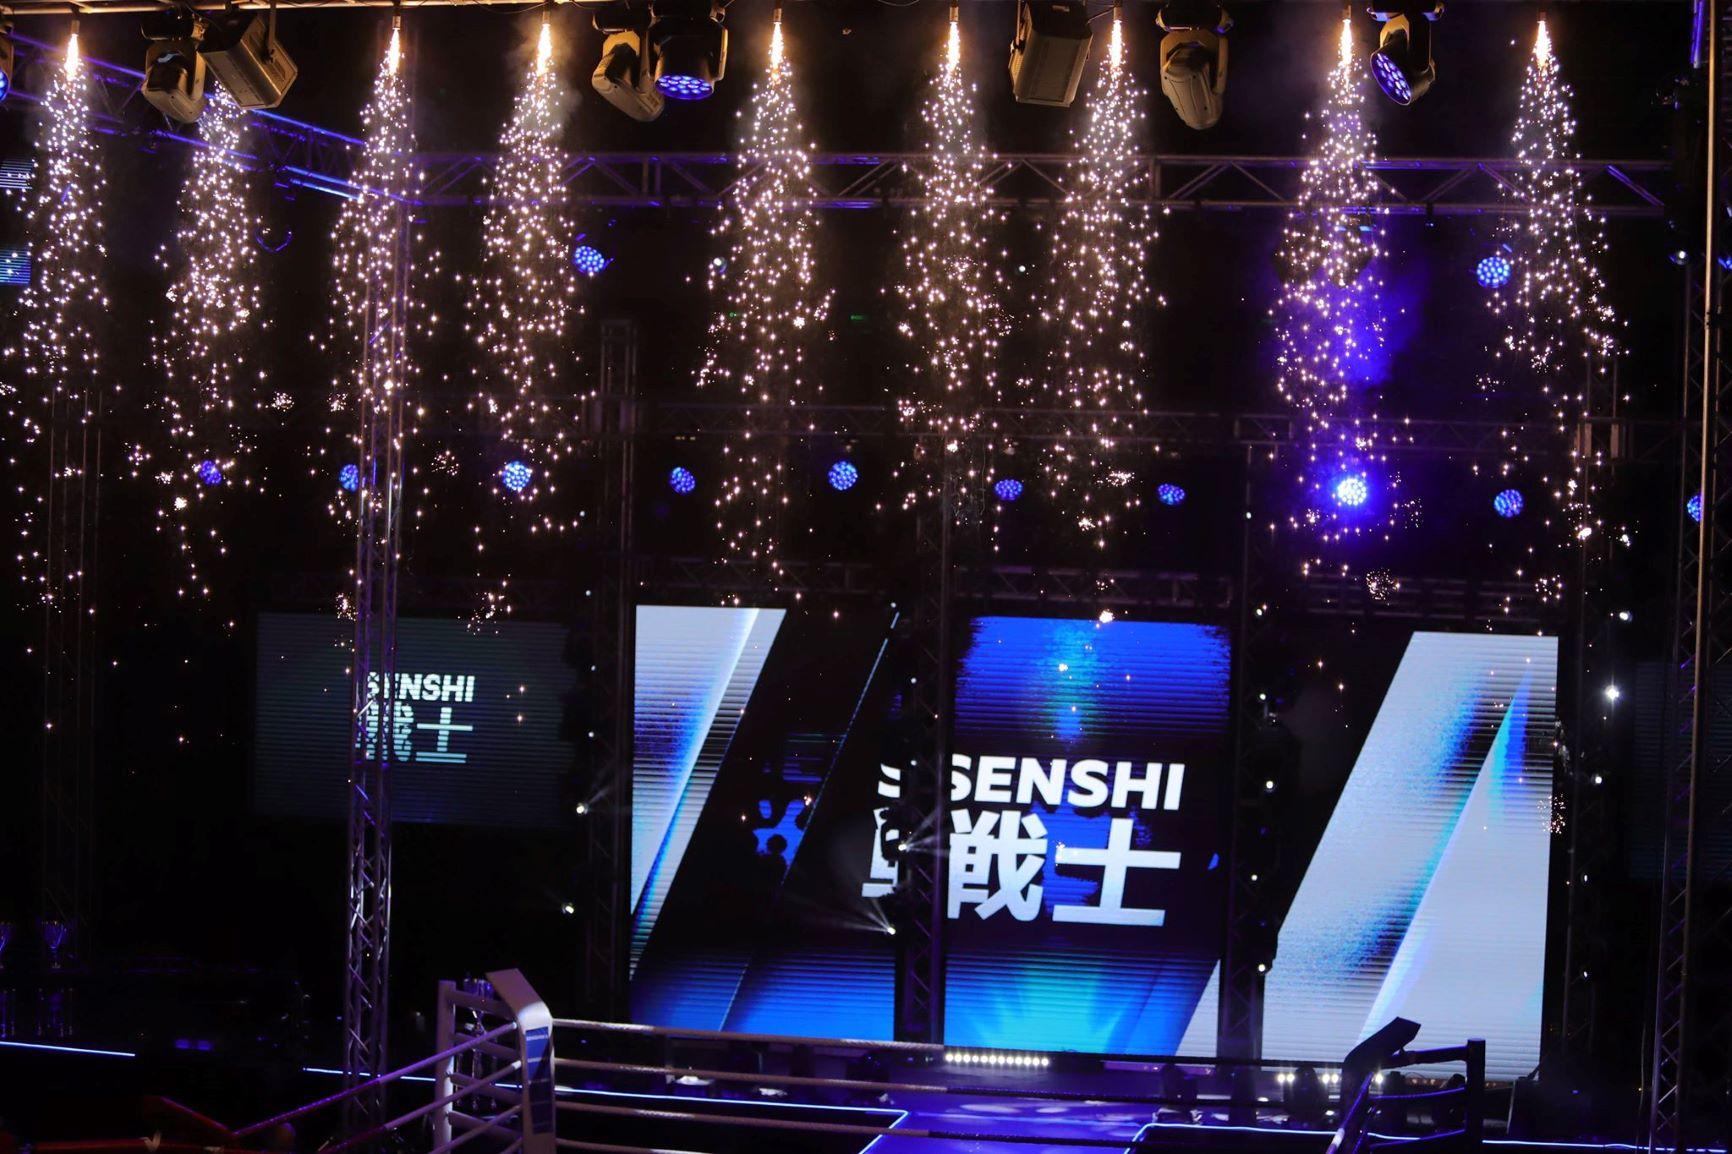 SENSHI се завръща във Варна през октомври (ВИДЕО)